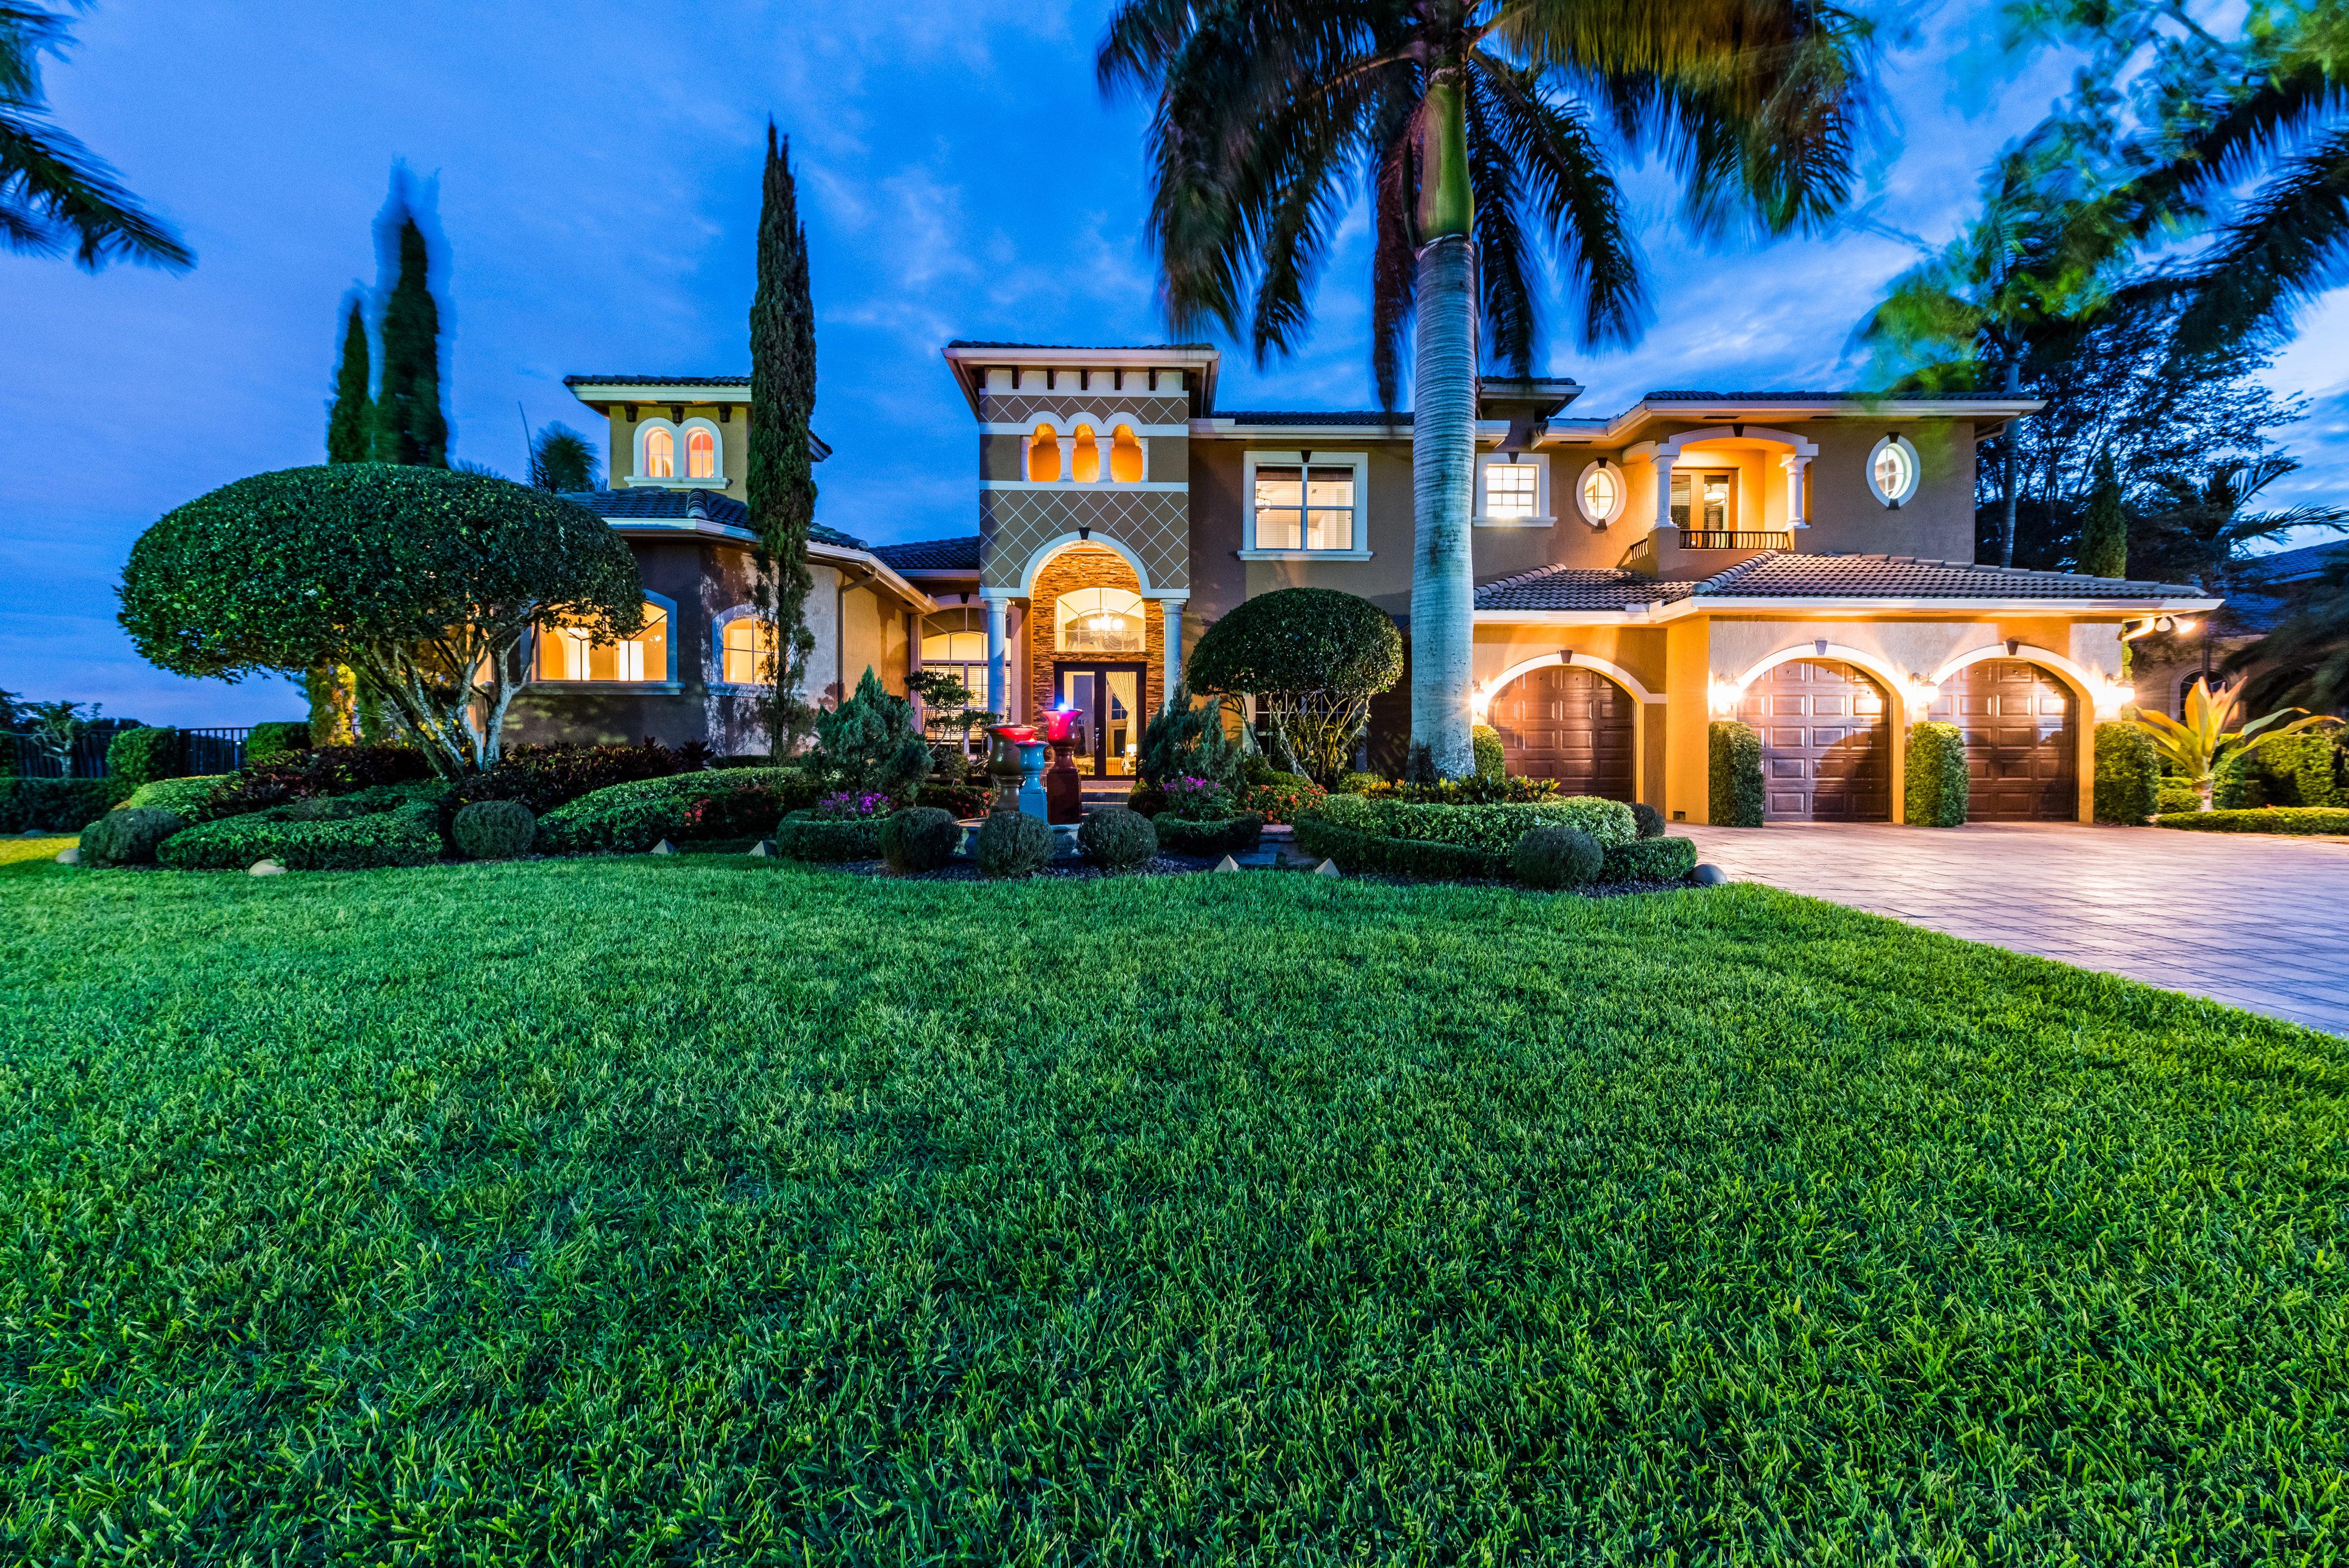 3077 LAKE RIDGE LANE – WESTON, FL